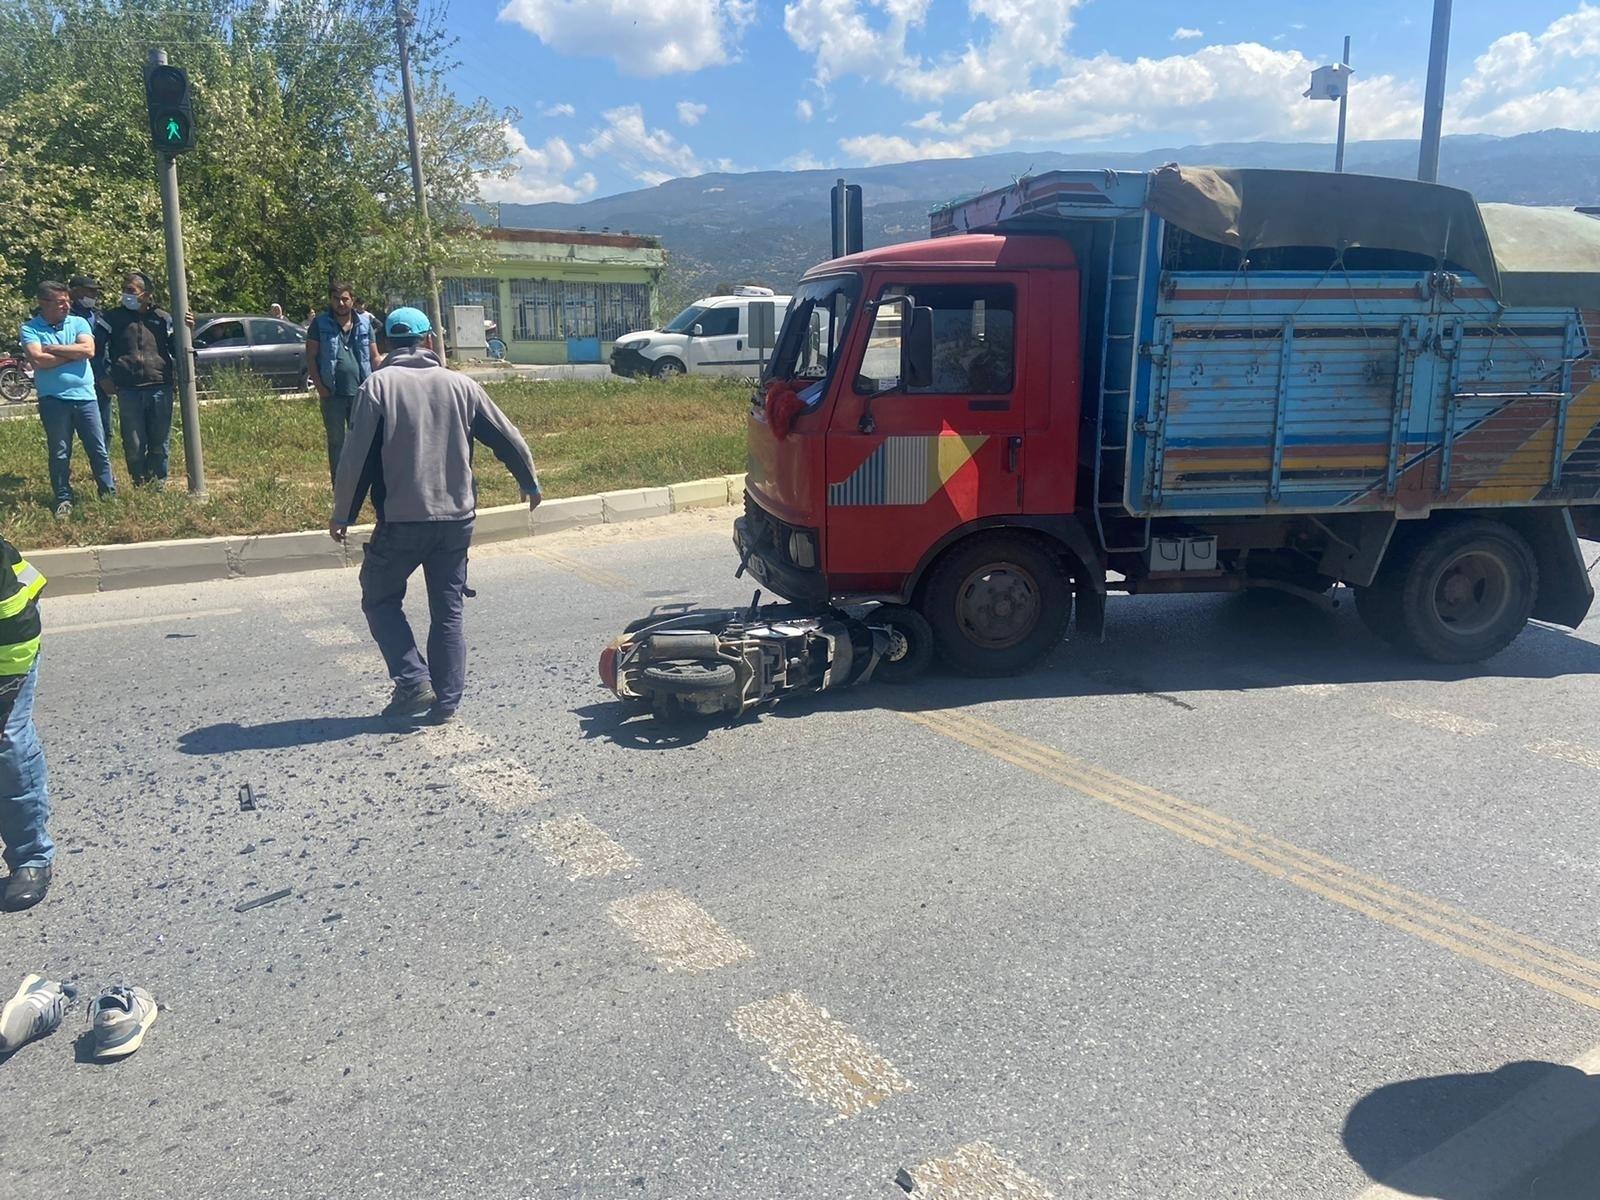 Aydın'da kamyonetle motosiklet çarpıştı, motosiklet sürücüsü hayatını kaybetti